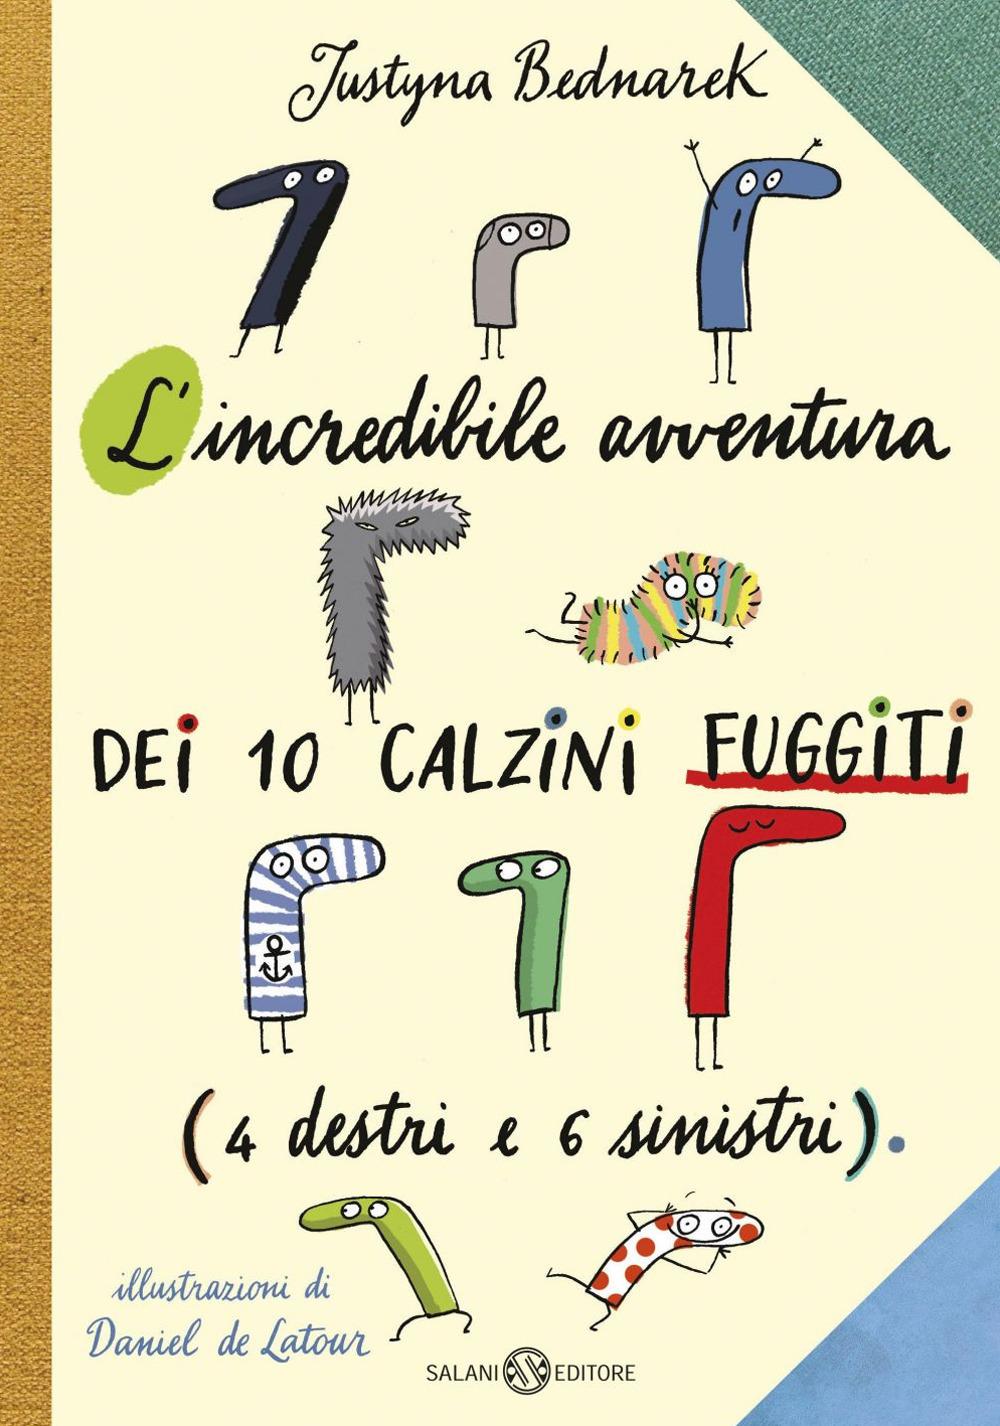 L'incredibile avventura dei 10 calzini fuggiti (4 destri e 6 sinistri) - Justyna Bednarek, Daniel de Latour